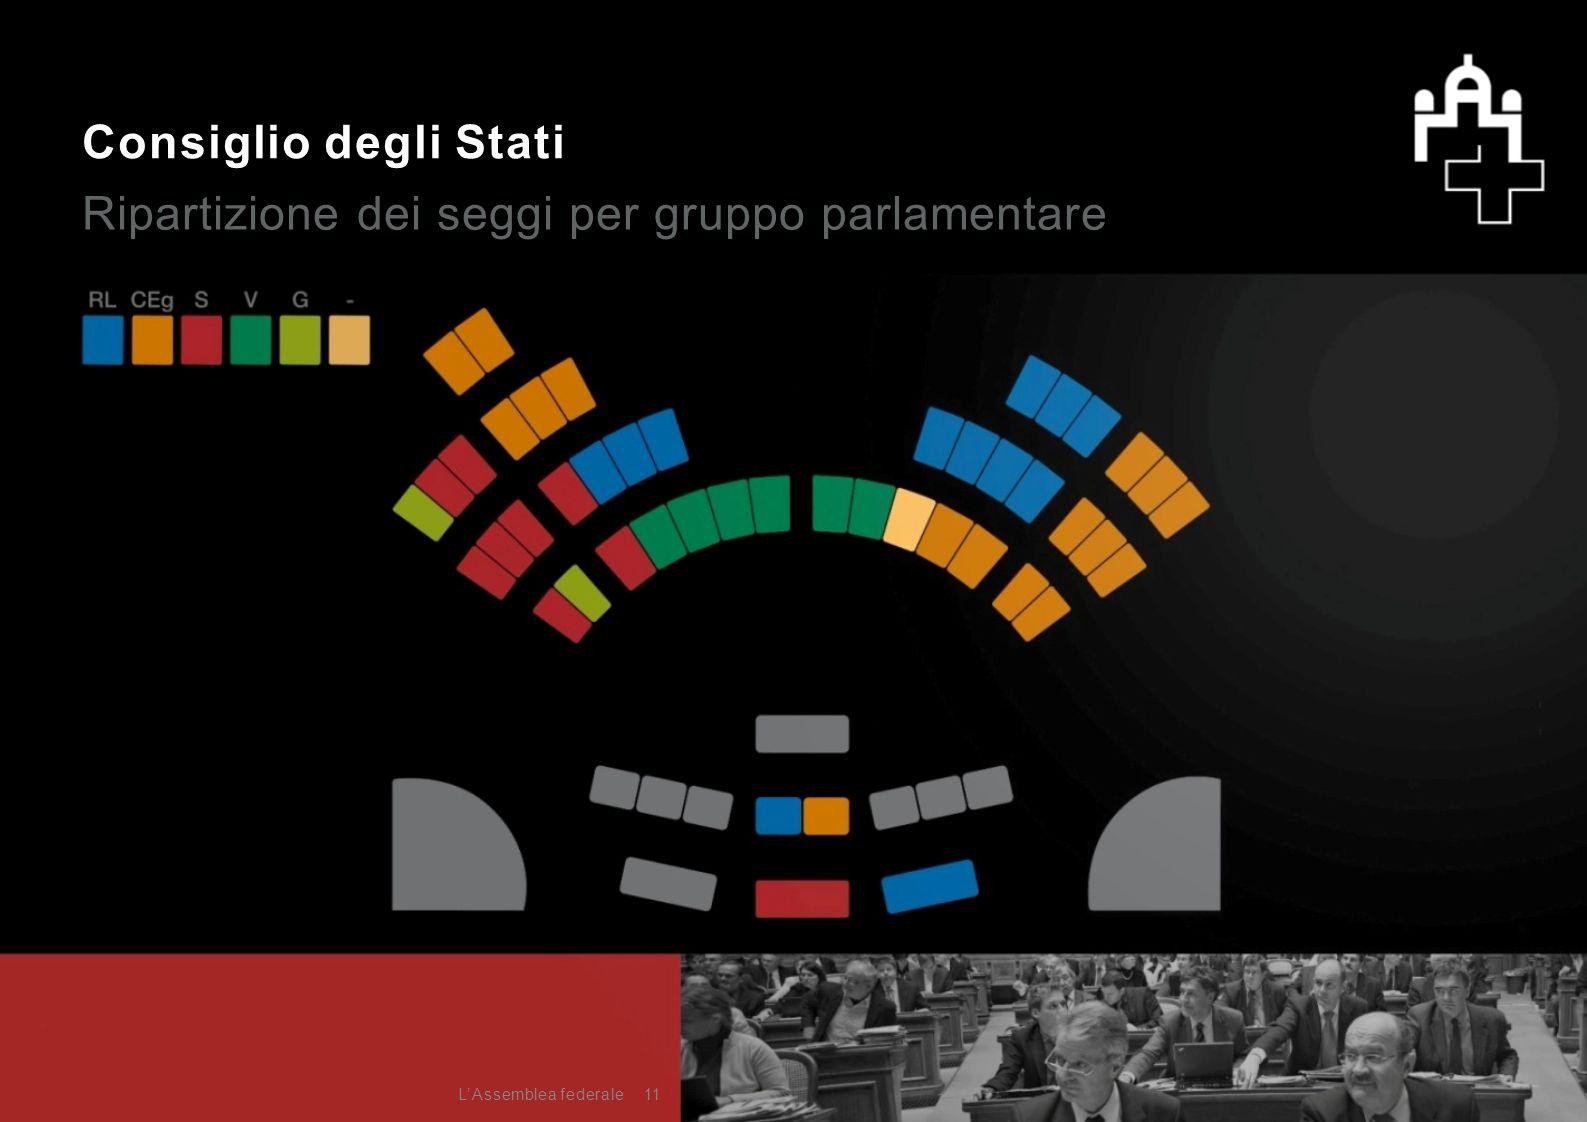 Consiglio degli Stati Ripartizione dei seggi per gruppo parlamentare 11L'Assemblea federale